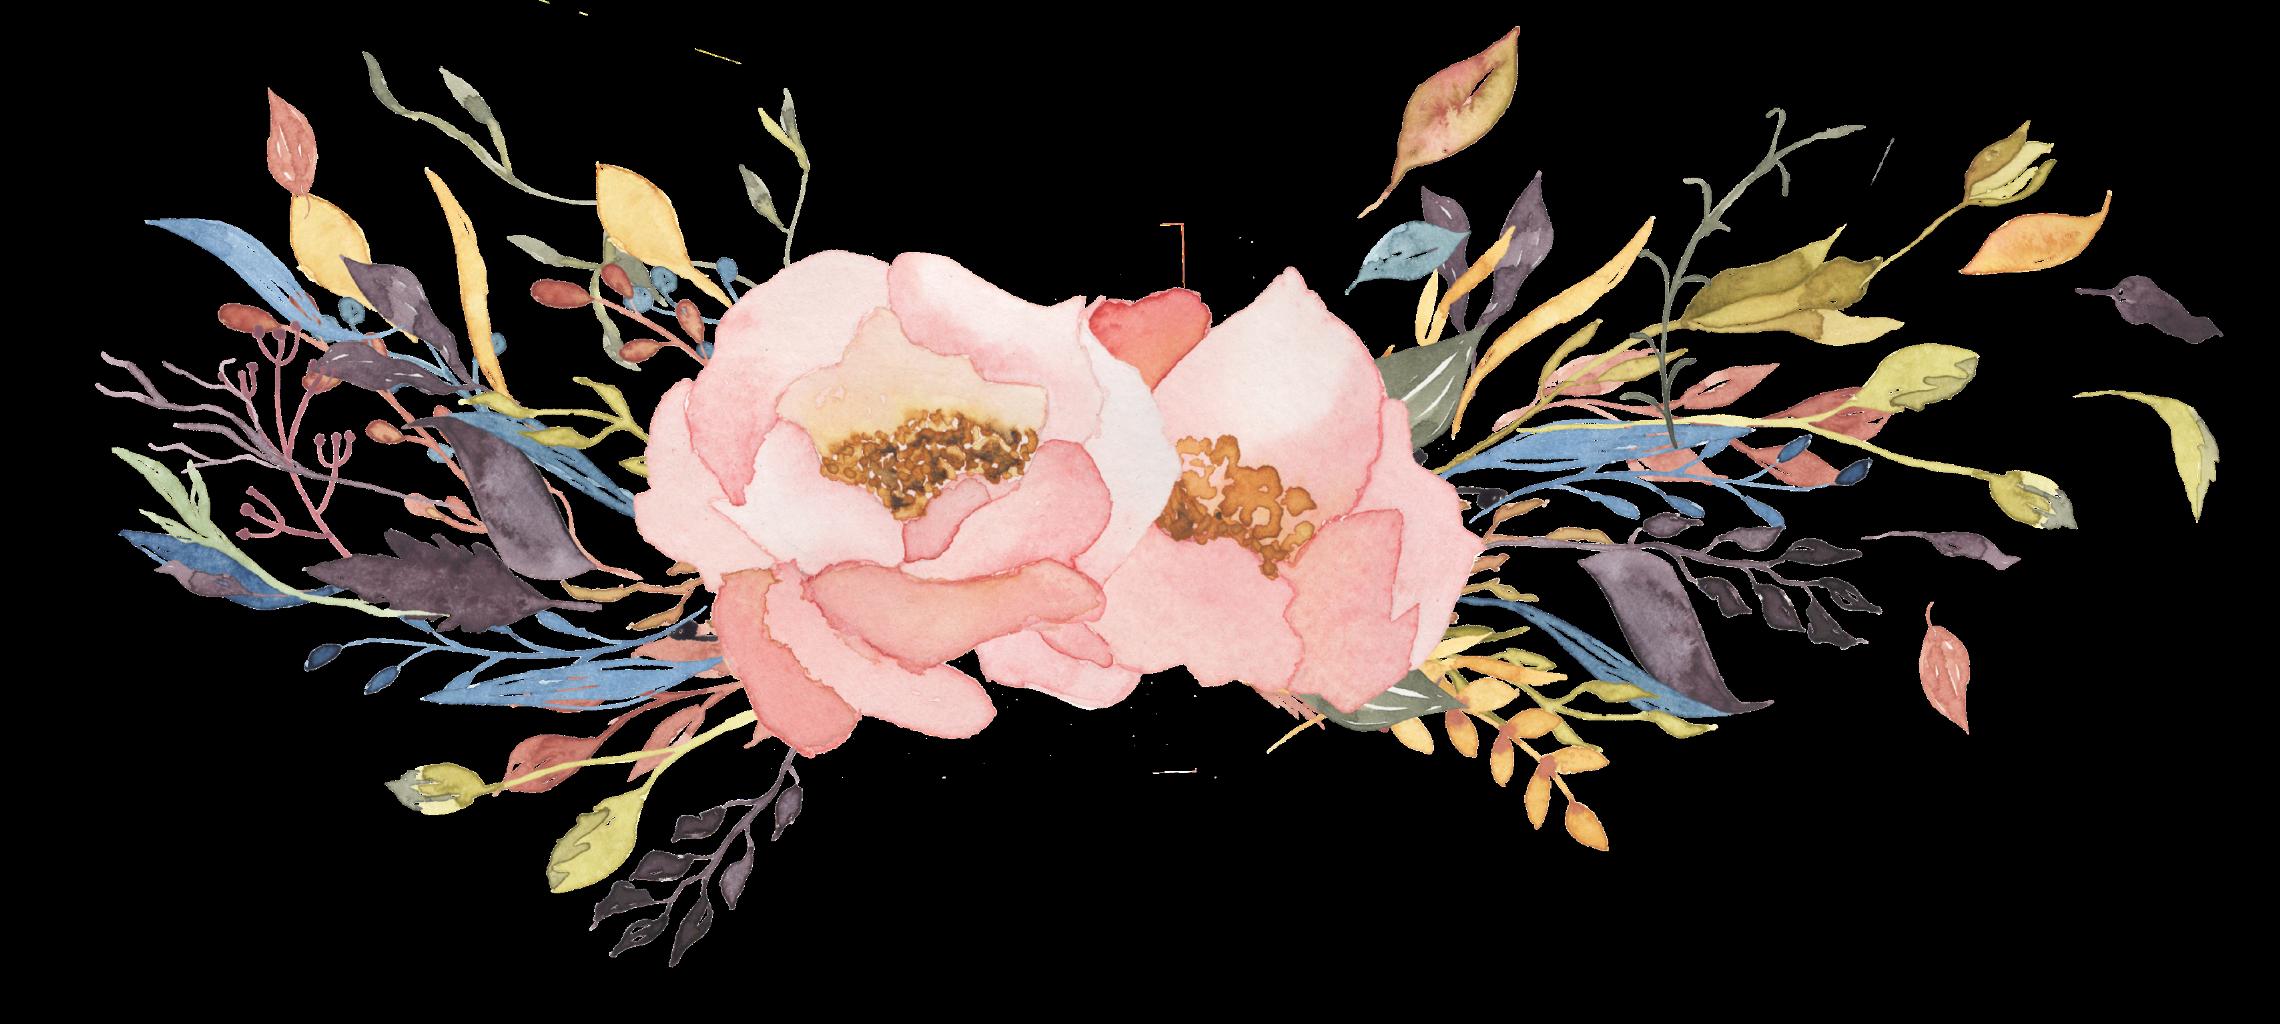 Clipart flower aesthetic. Flowers tumblr artsy pinterest